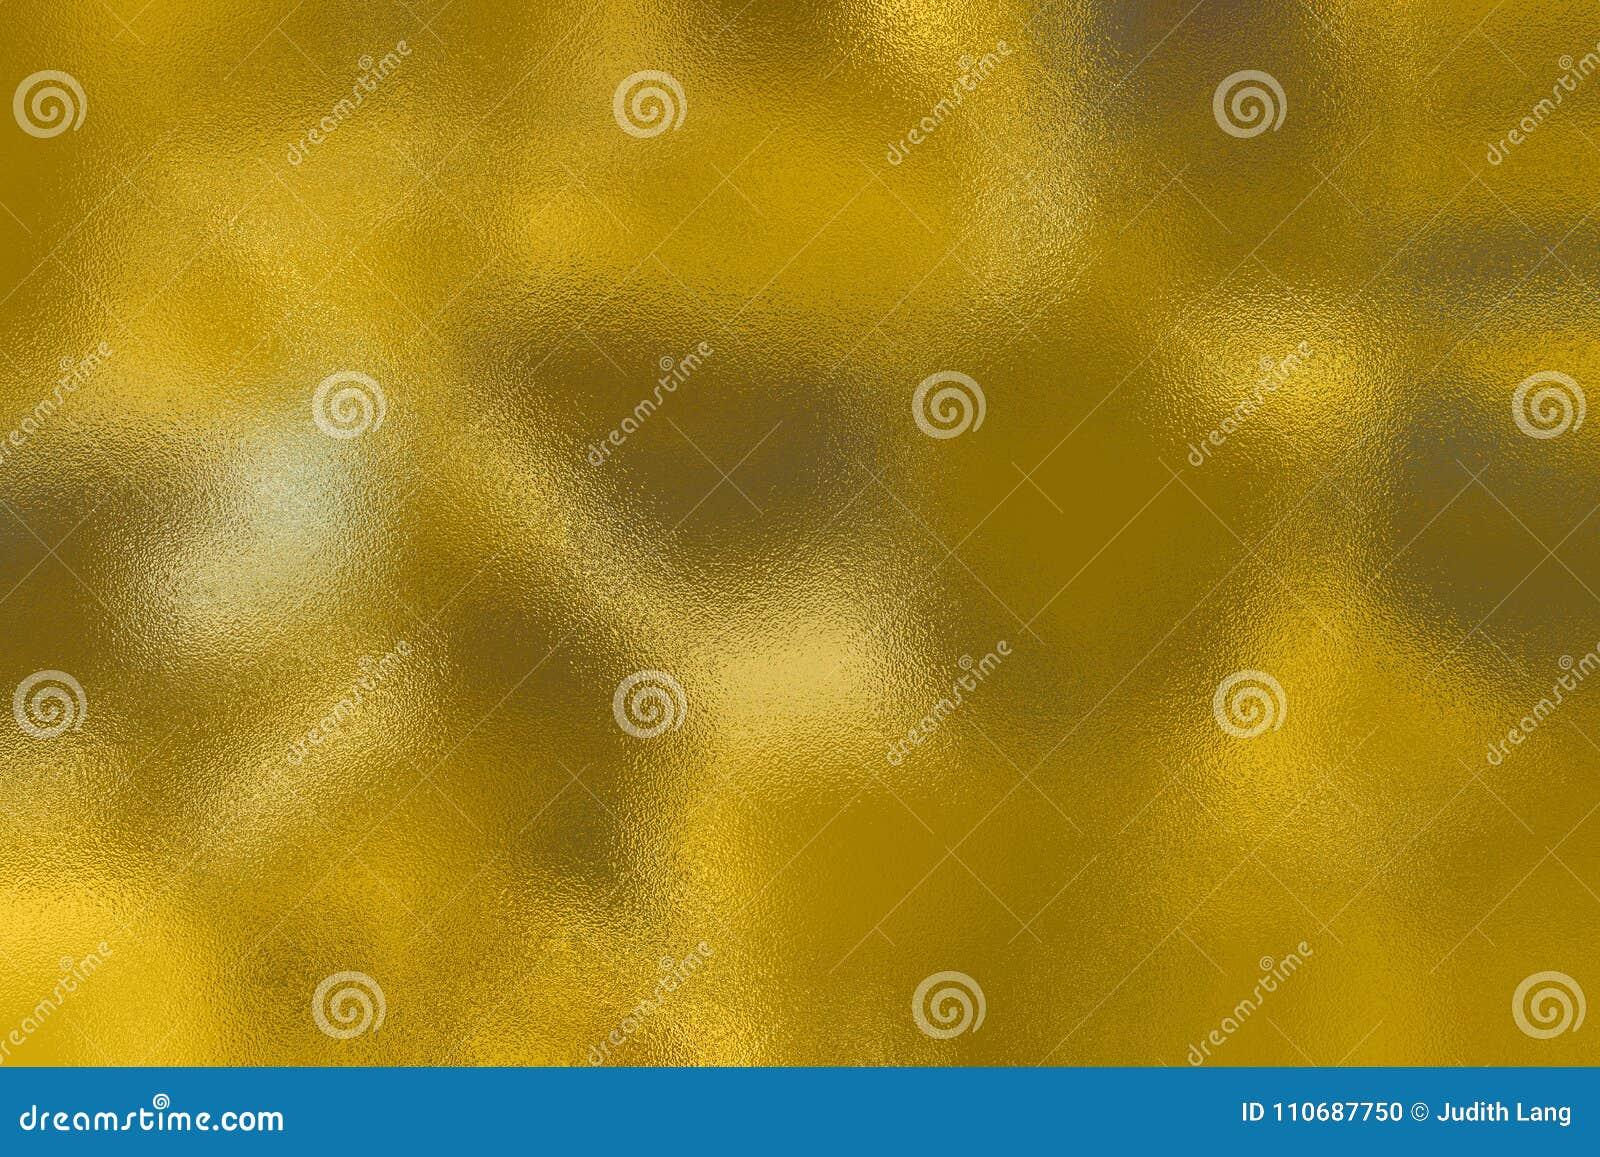 Σκοτεινοί και ελαφριοί τόνοι του χρυσού και κίτρινου διασκορπισμένου  γυαλιού όπως το κατασκευασμένο υπόβαθρο 5730cbc4169